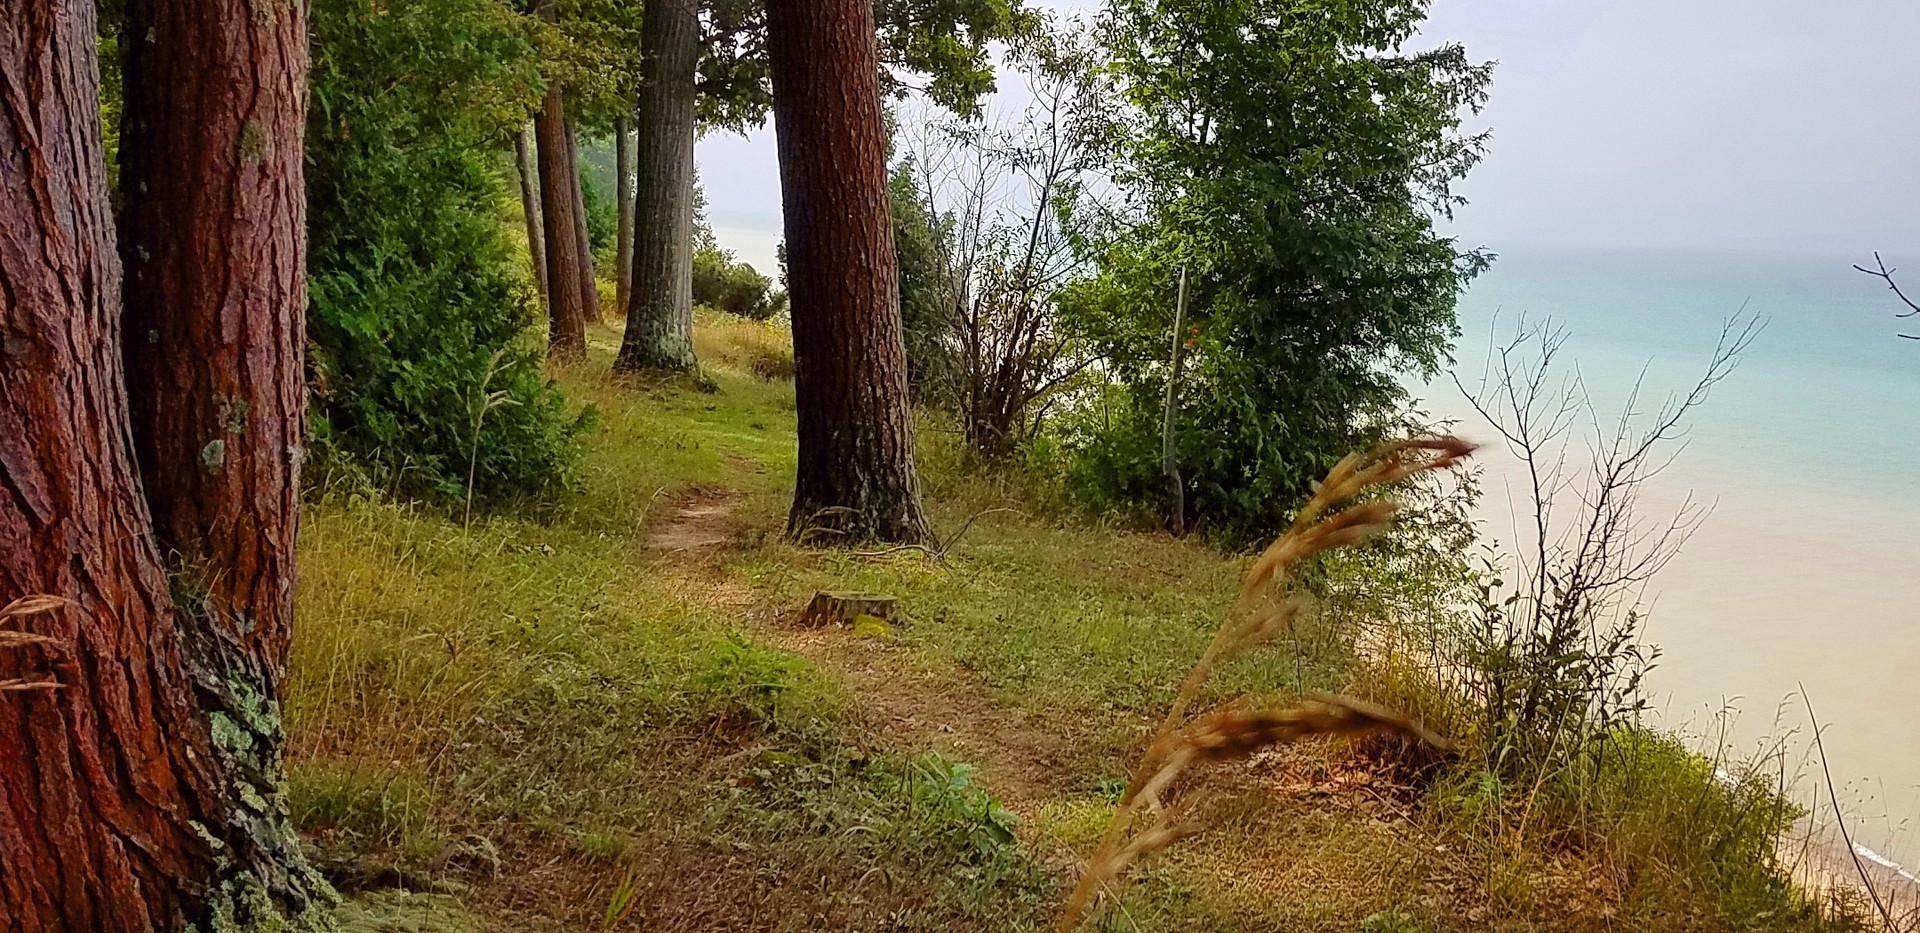 Amy Lucid, Mangoon Creek Park Beach